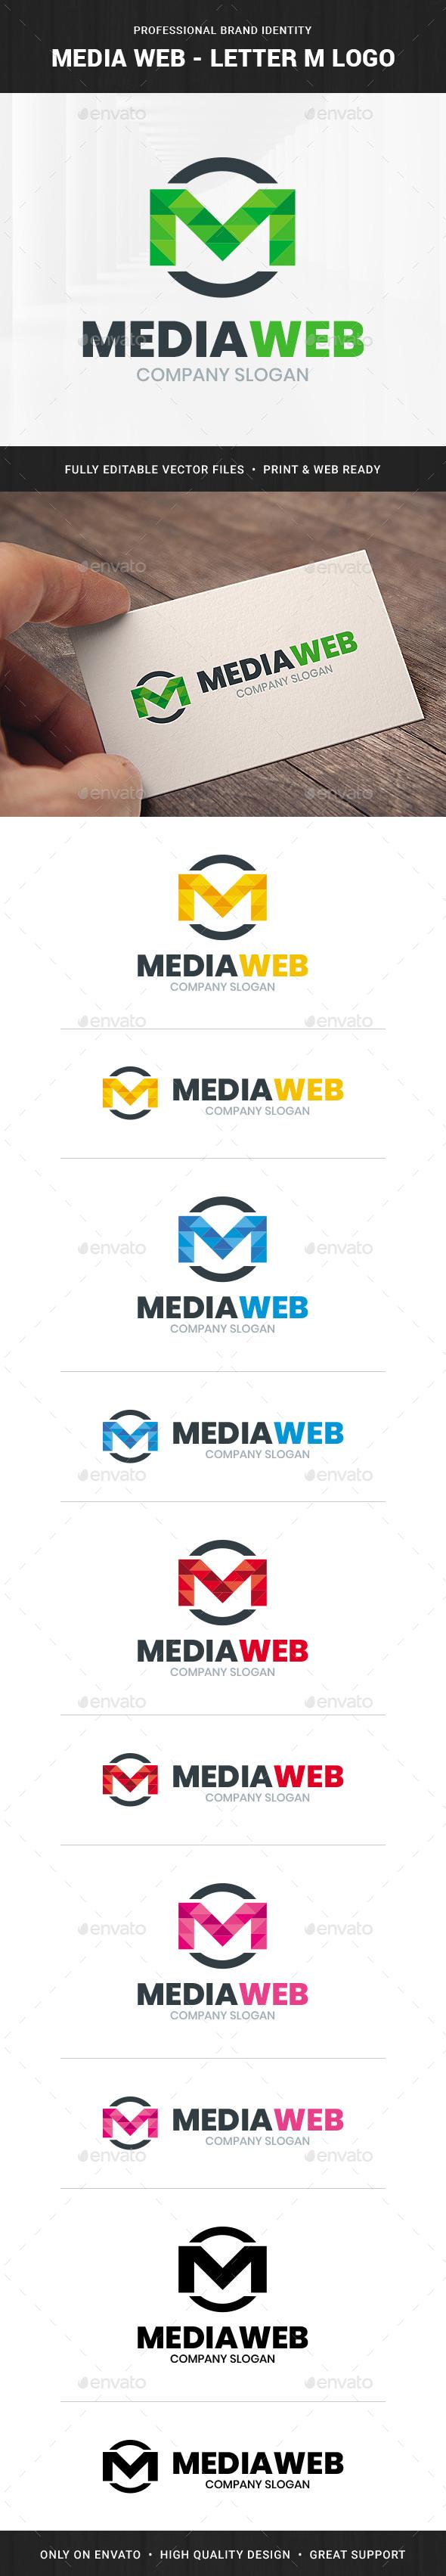 Media Web - Letter M Logo Template